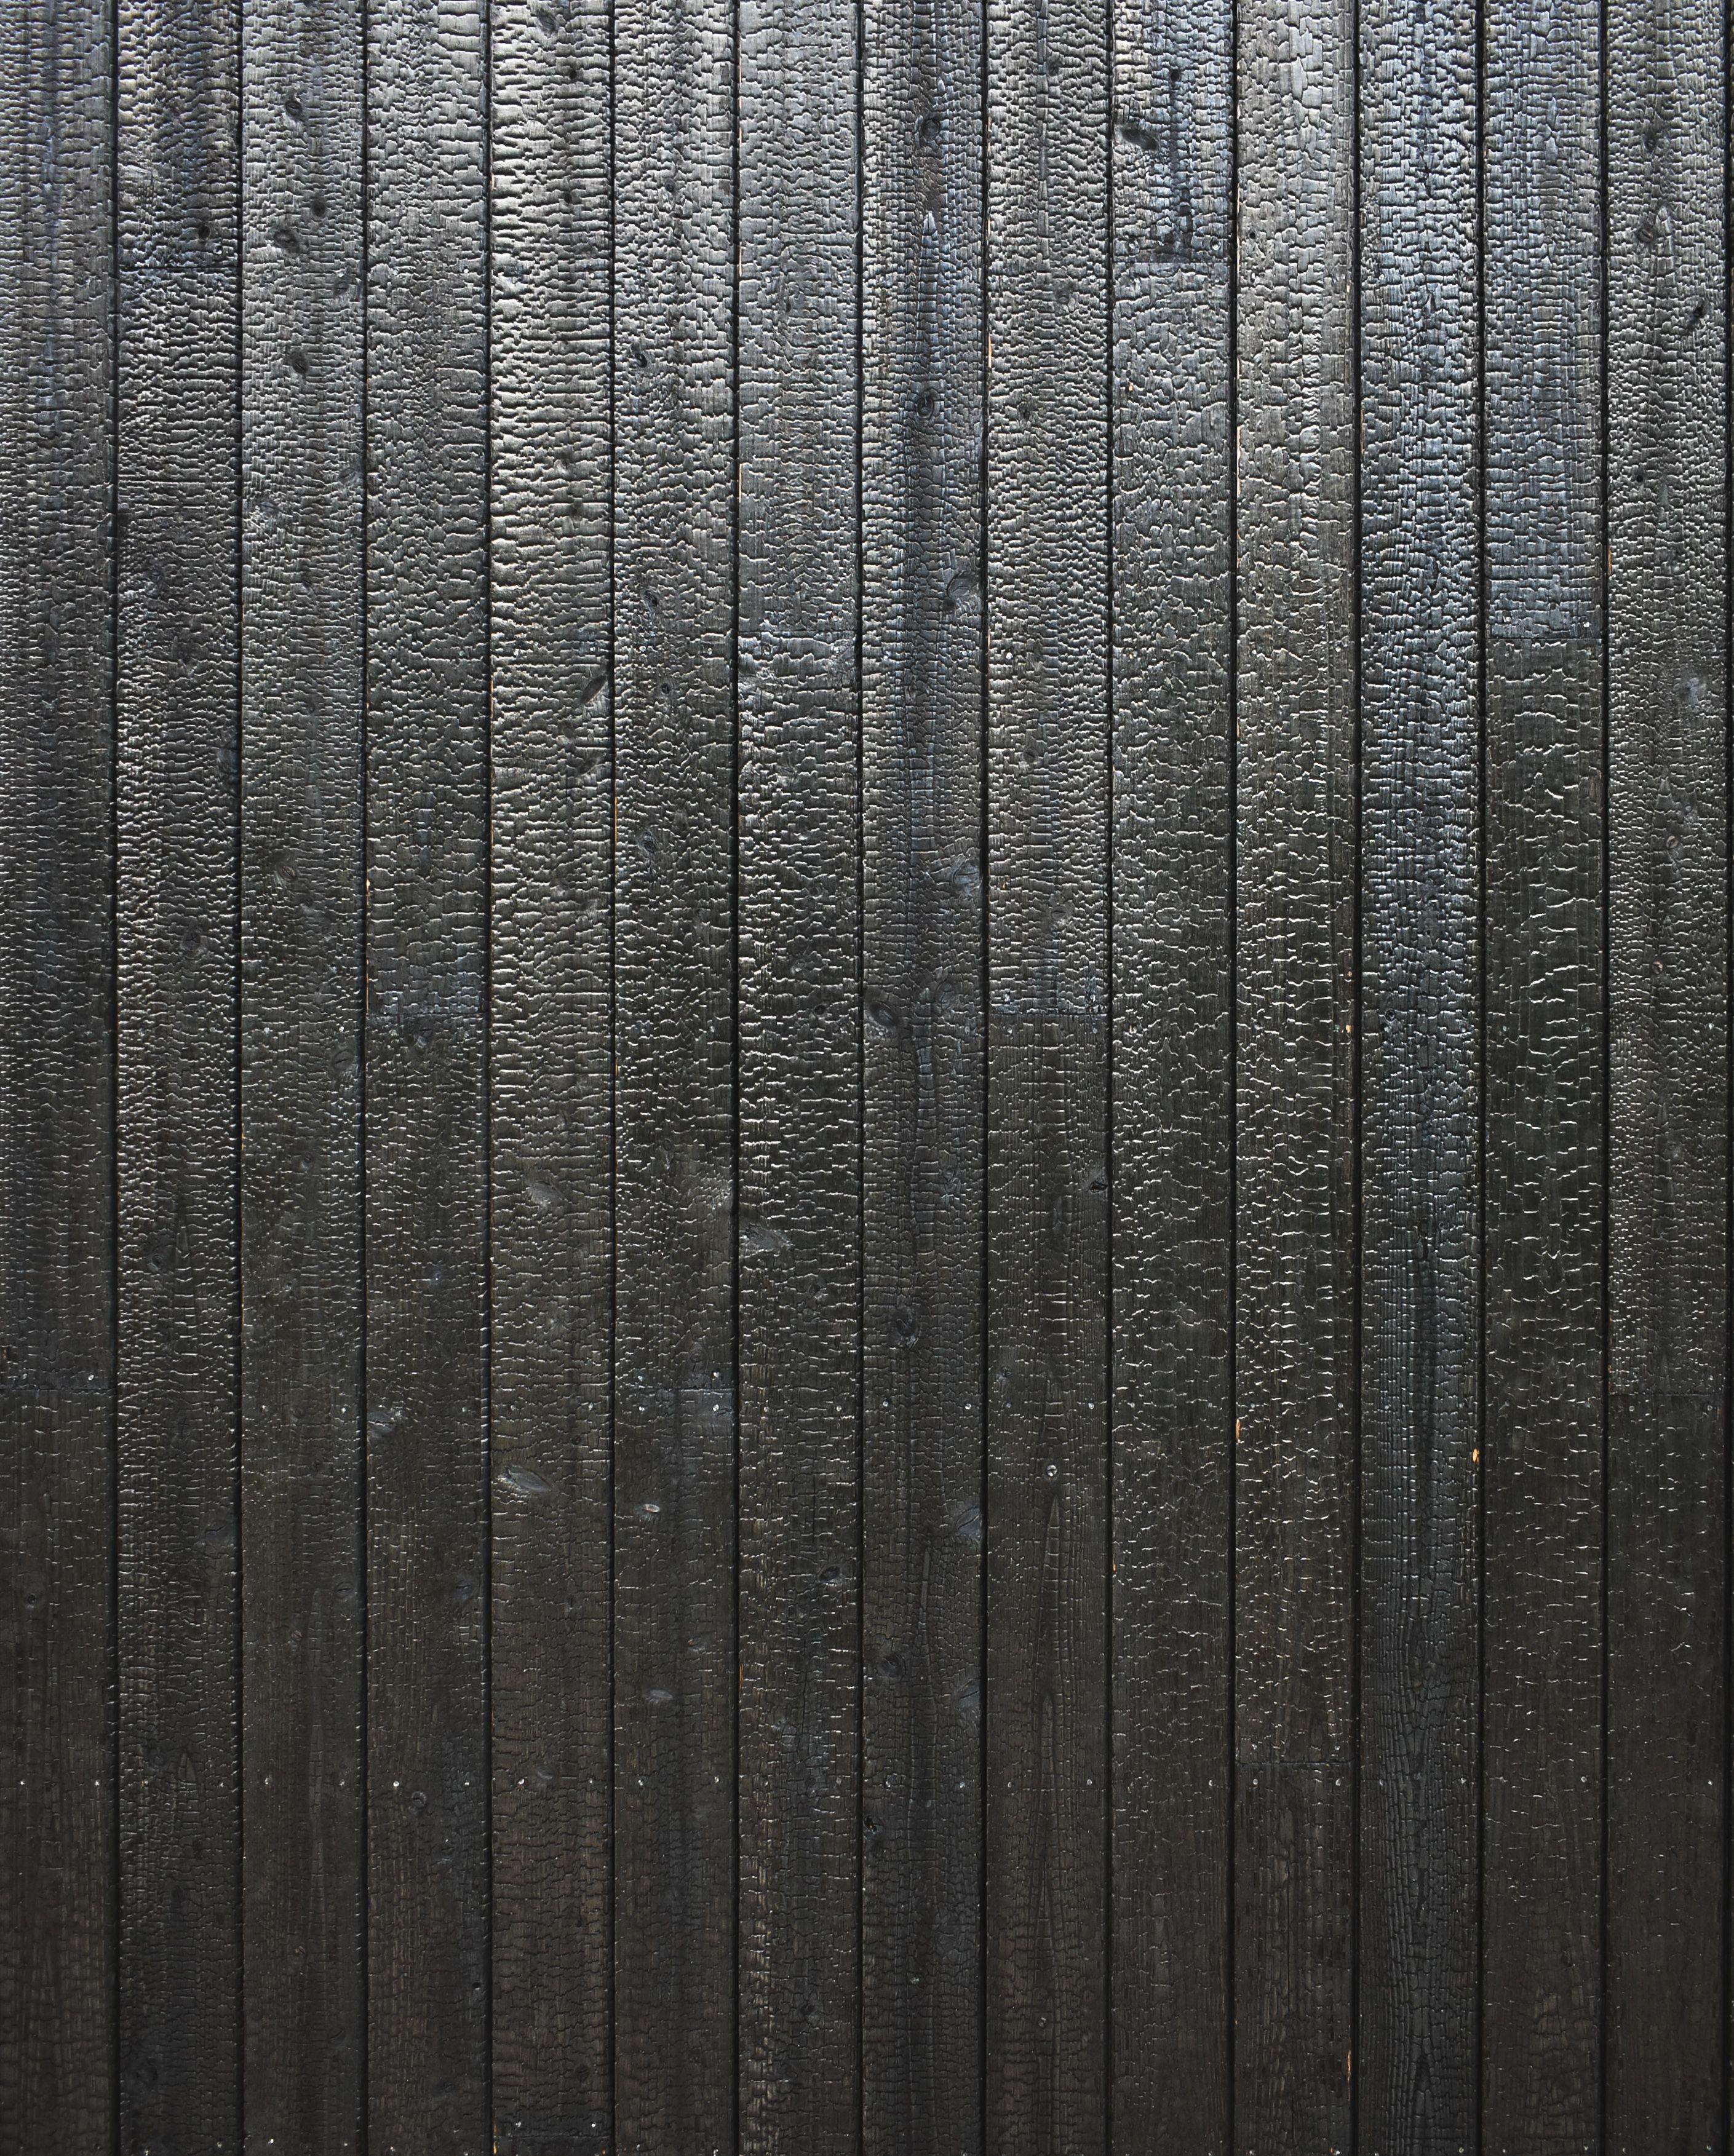 Shou Sugi Ban Siding Authentic Japanese Yakisugi Nakamoto Forestry Charred Wood Shou Sugi Ban Charred Wood Siding